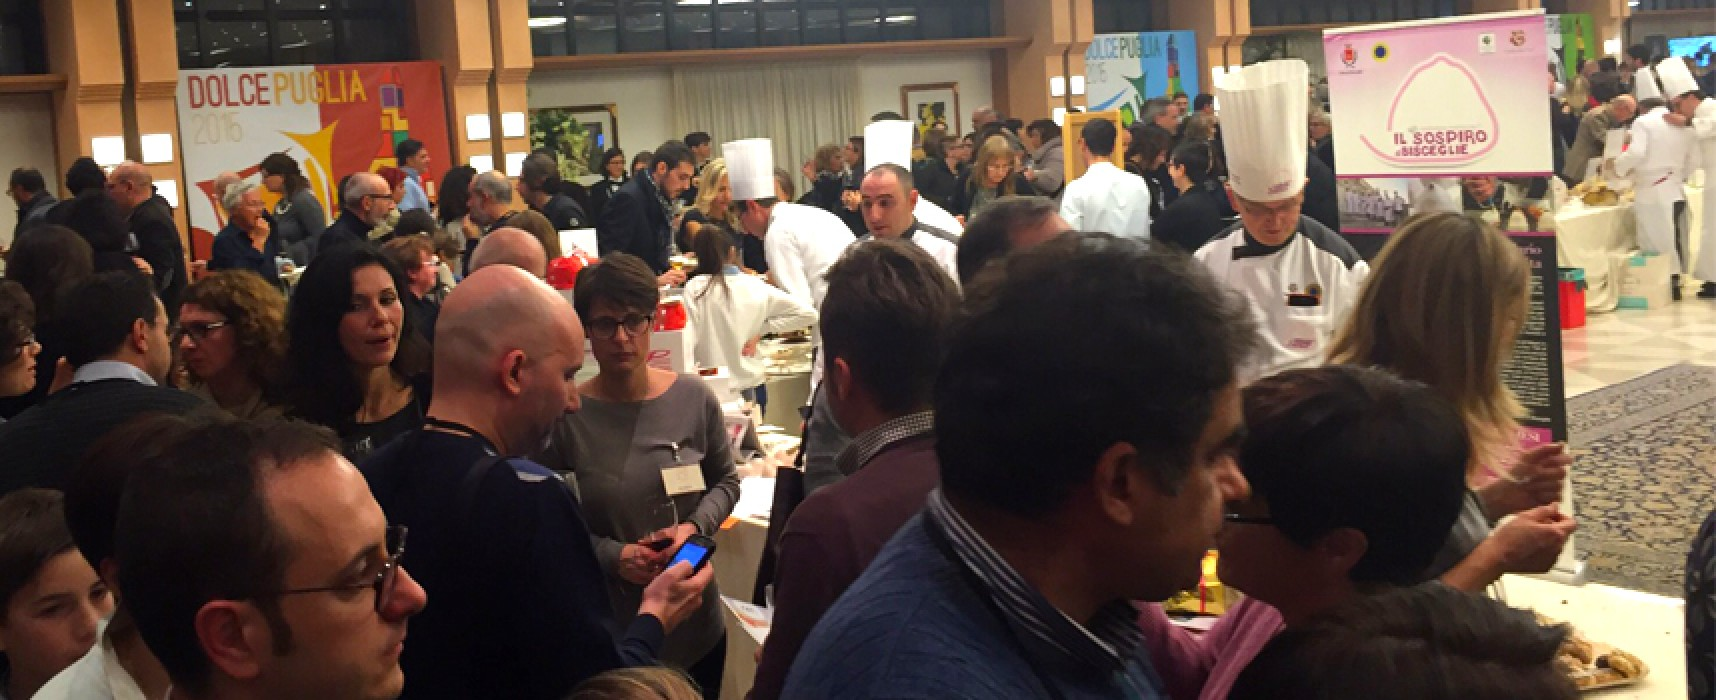 Il sospiro conquista Alberobello, consensi per il consorzio dei pasticcieri a Dolce Puglia / FOTO